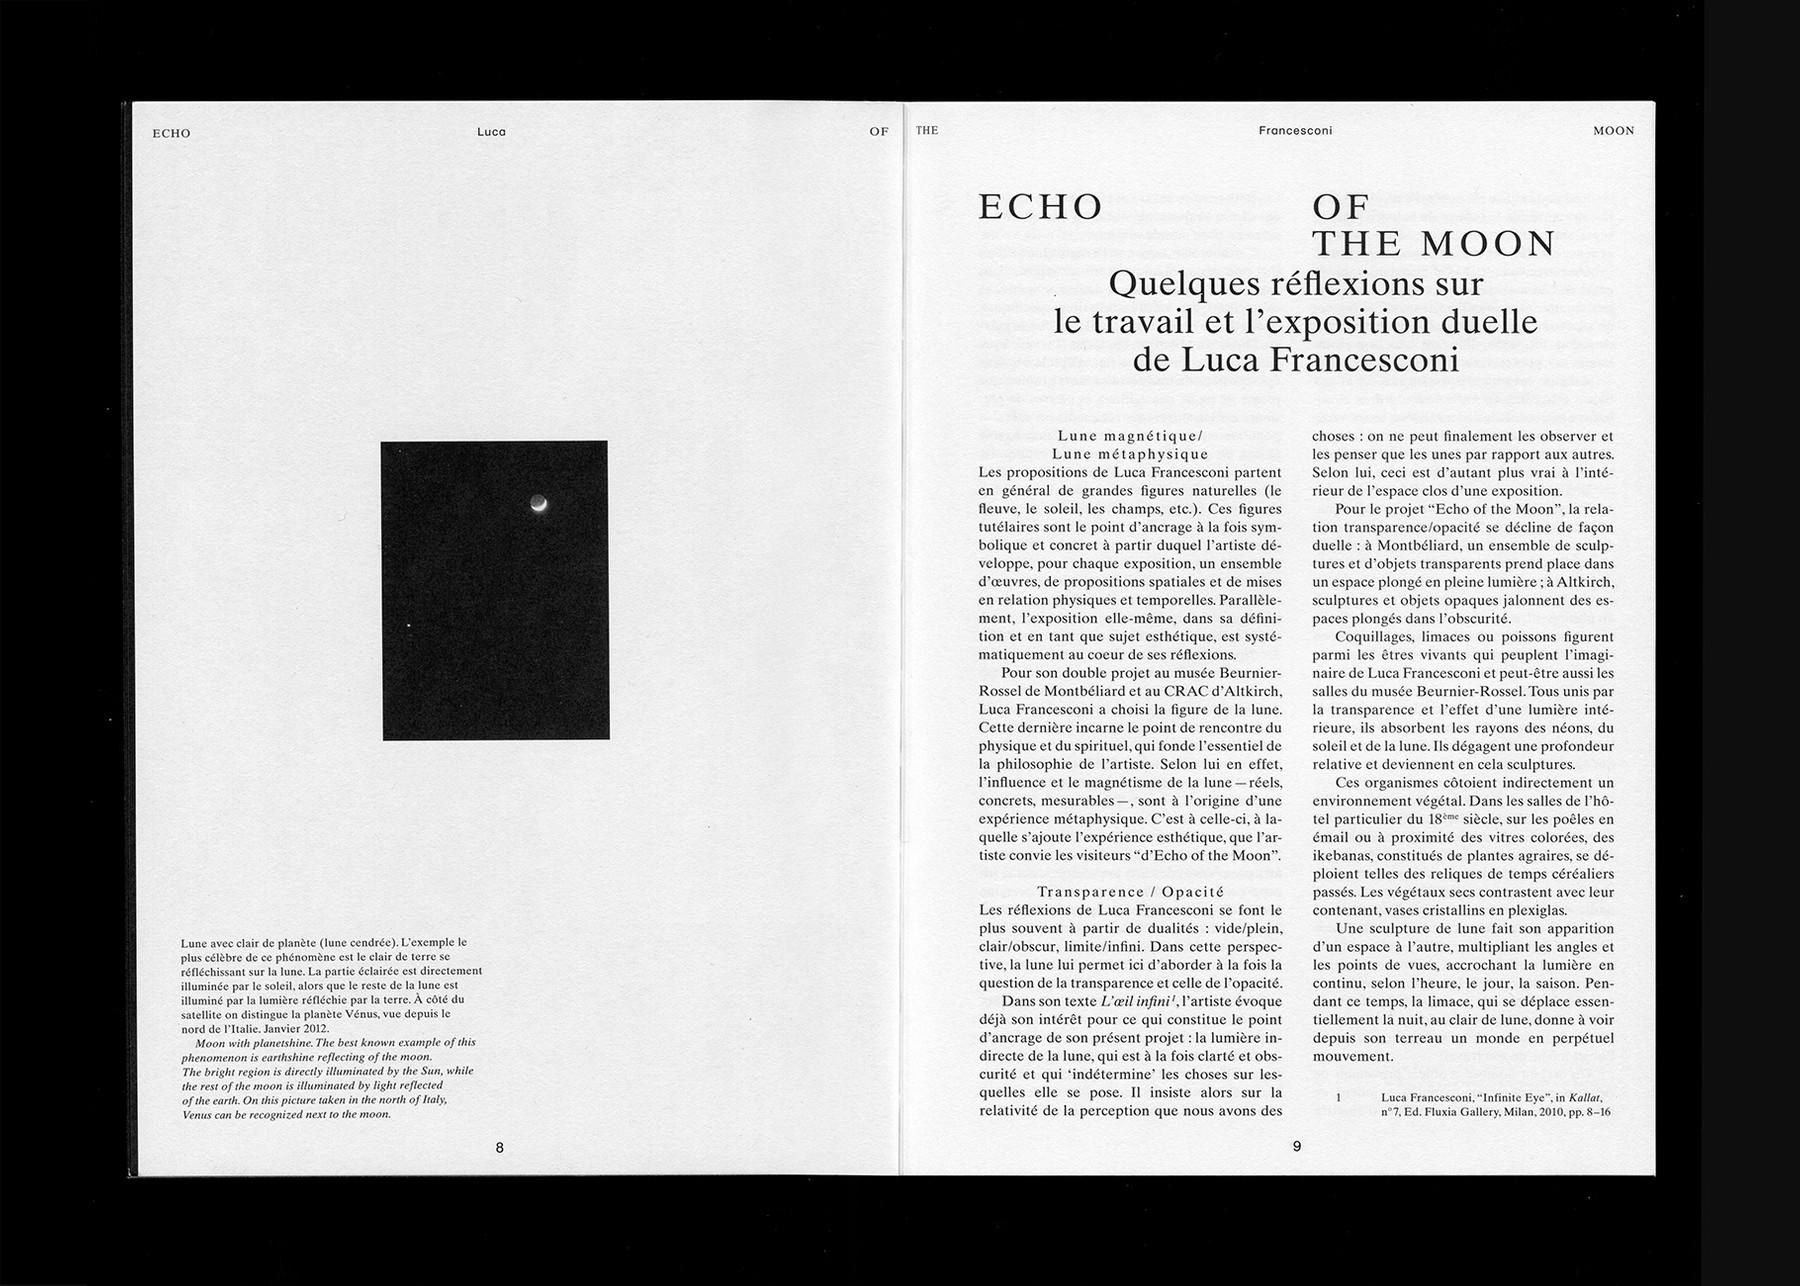 Kasper-Florio_Echo_of_the_moon_01@2x.jpg